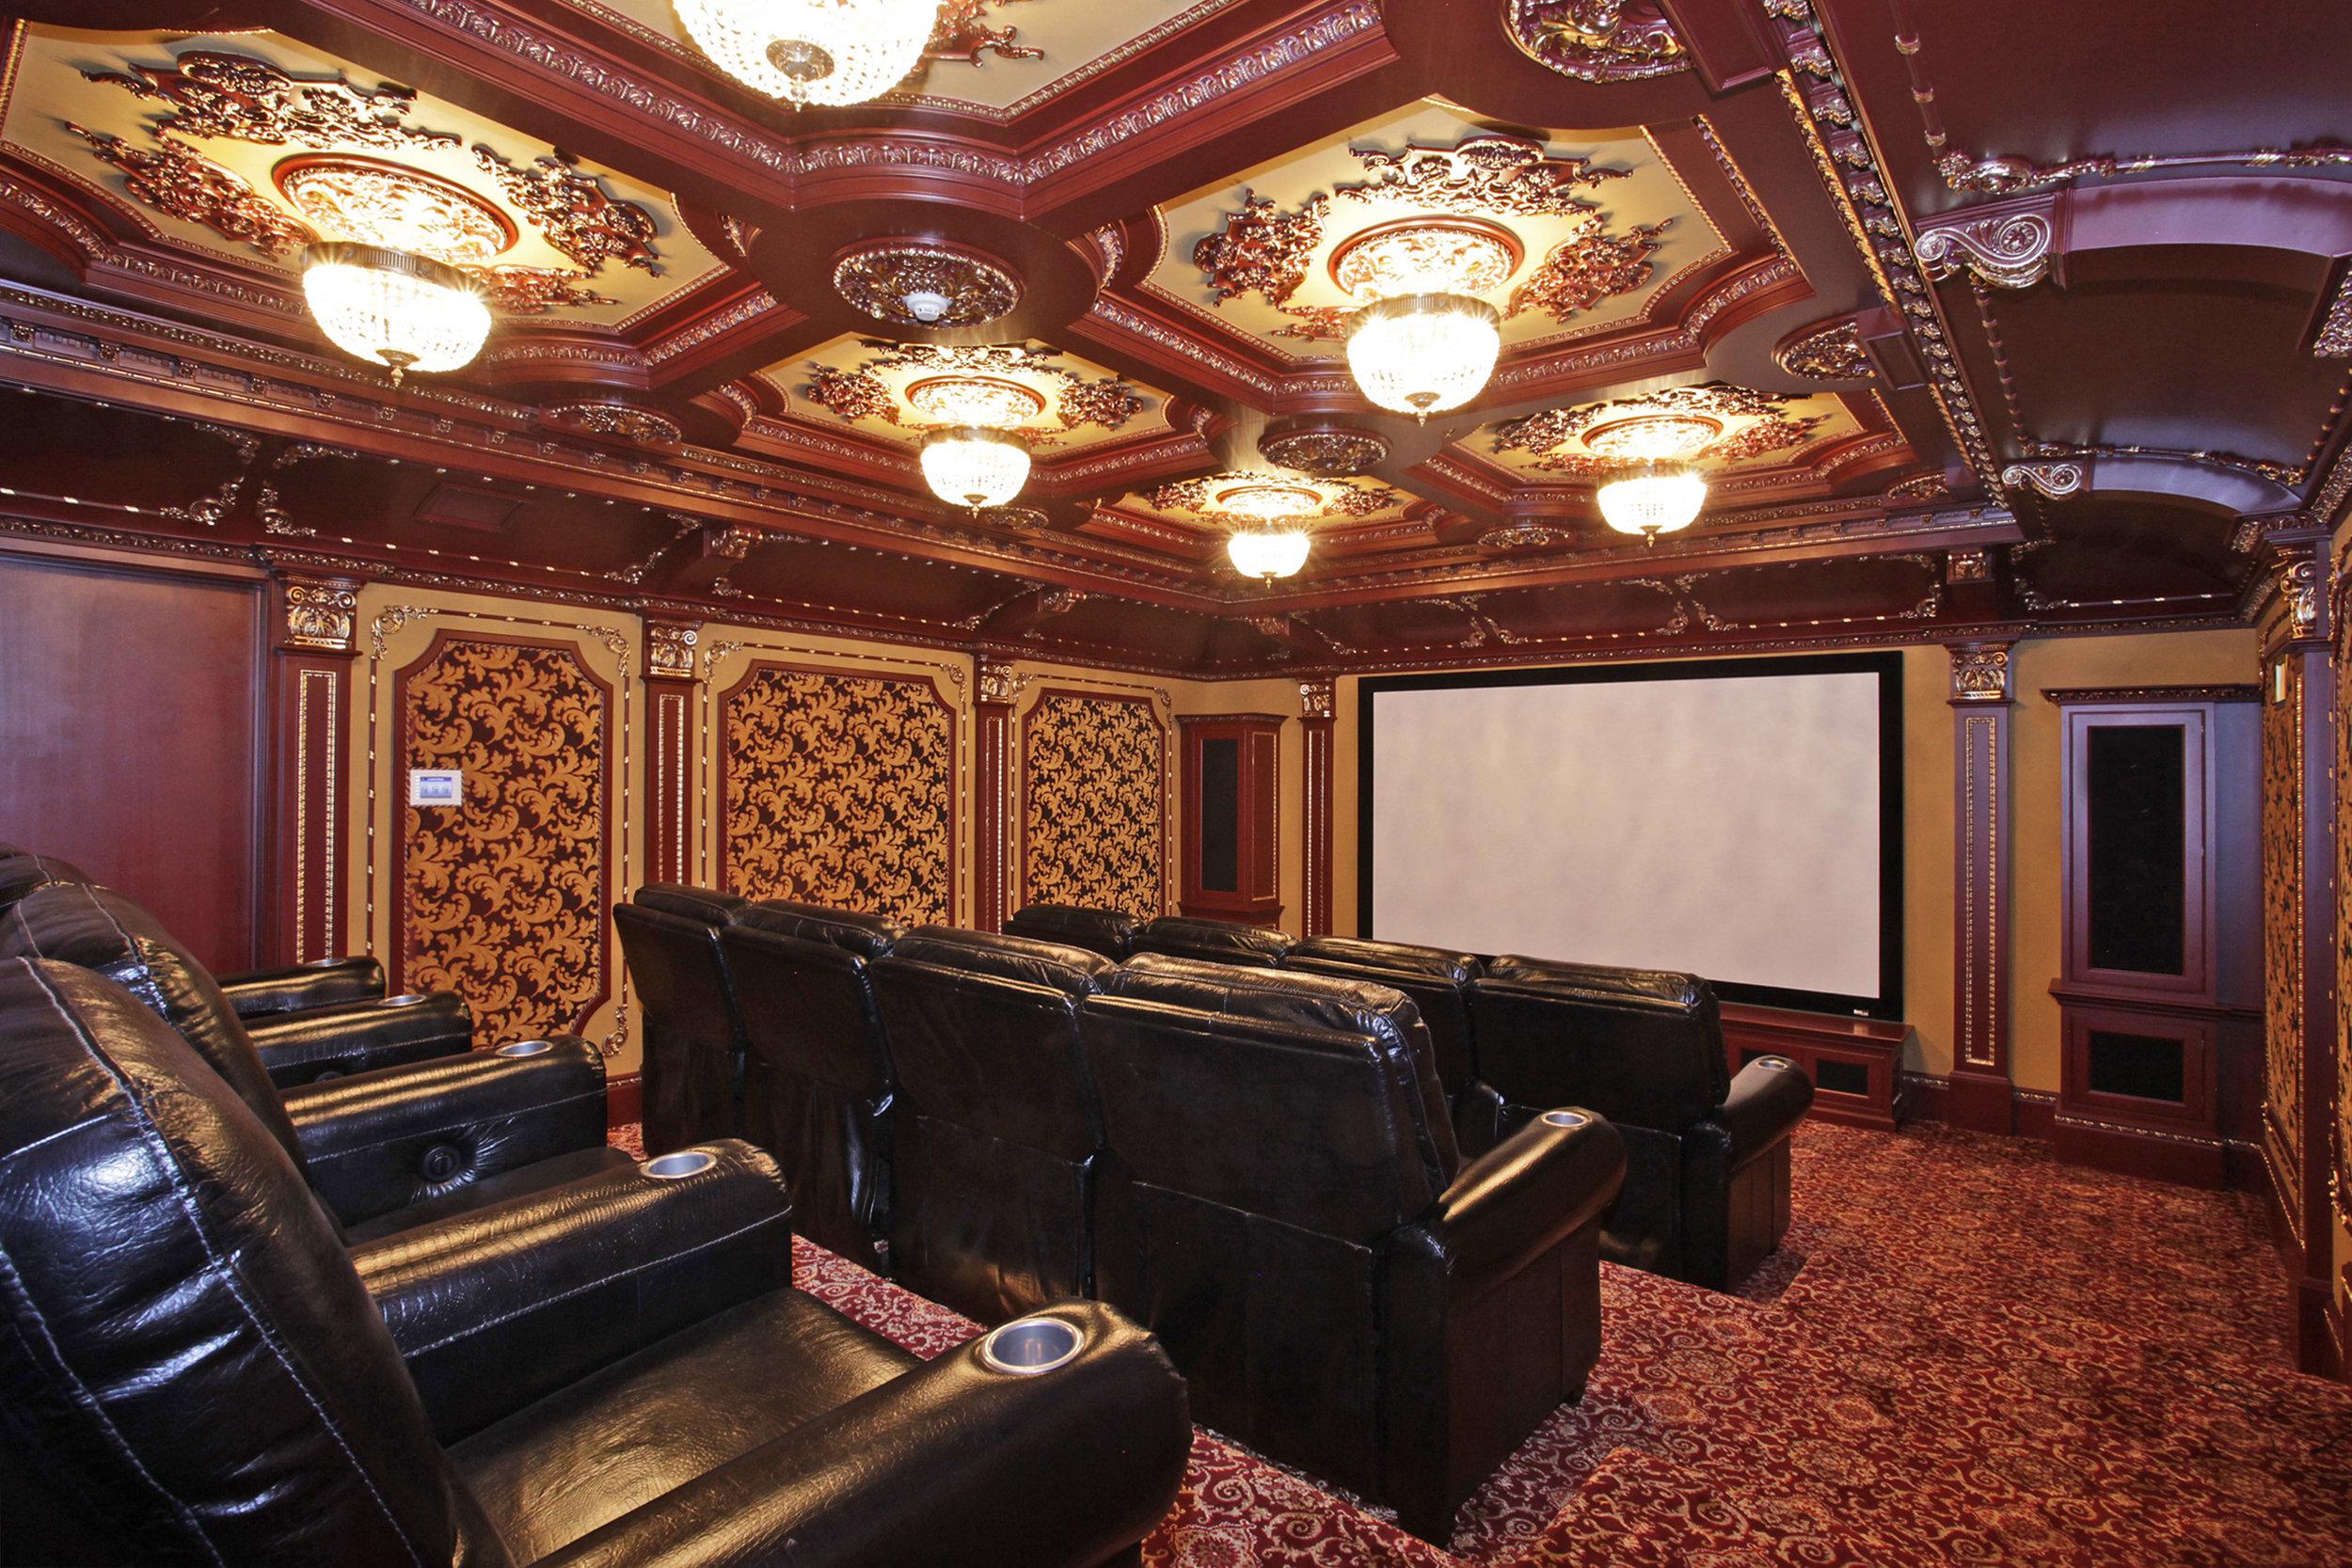 954_colonial_road_MLS_HID897974_ROOMtheater.jpg